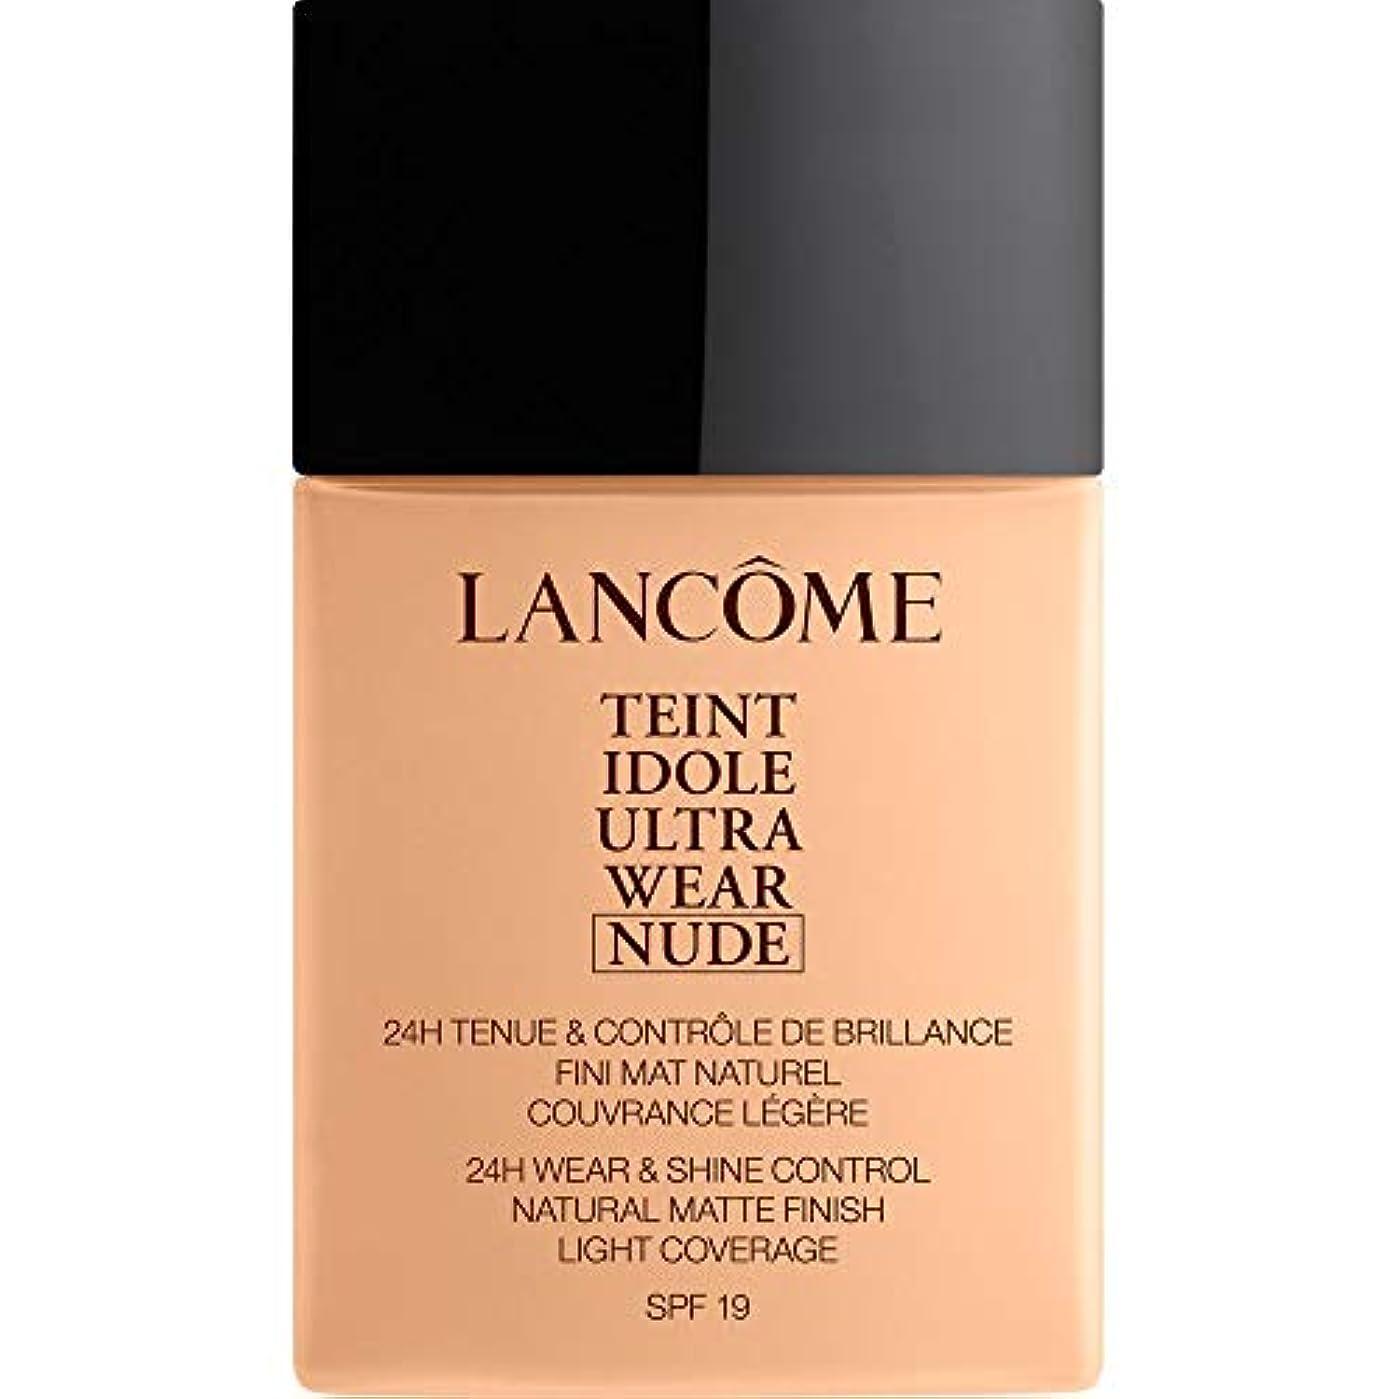 鉱石同意スキャン[Lanc?me ] ランコムTeintのIdole超摩耗ヌード財団Spf19の40ミリリットル025 - ベージュLin - Lancome Teint Idole Ultra Wear Nude Foundation...